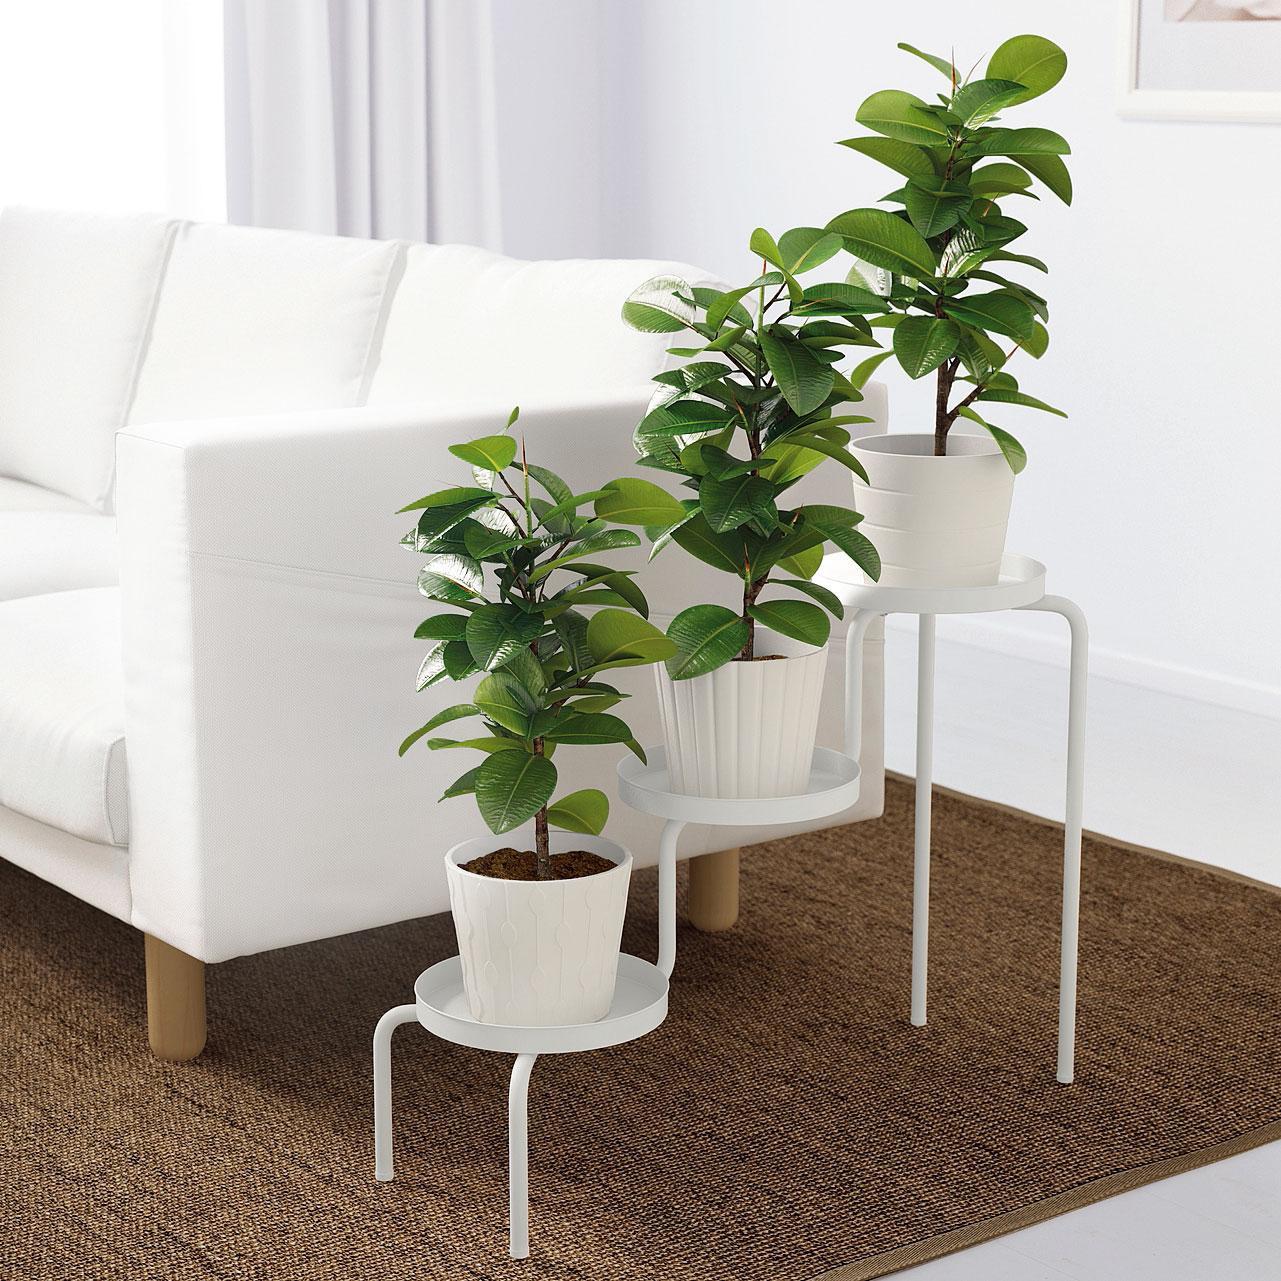 Piante Da Arredo Appartamento portavasi per le piante in casa: idee per arredare interni